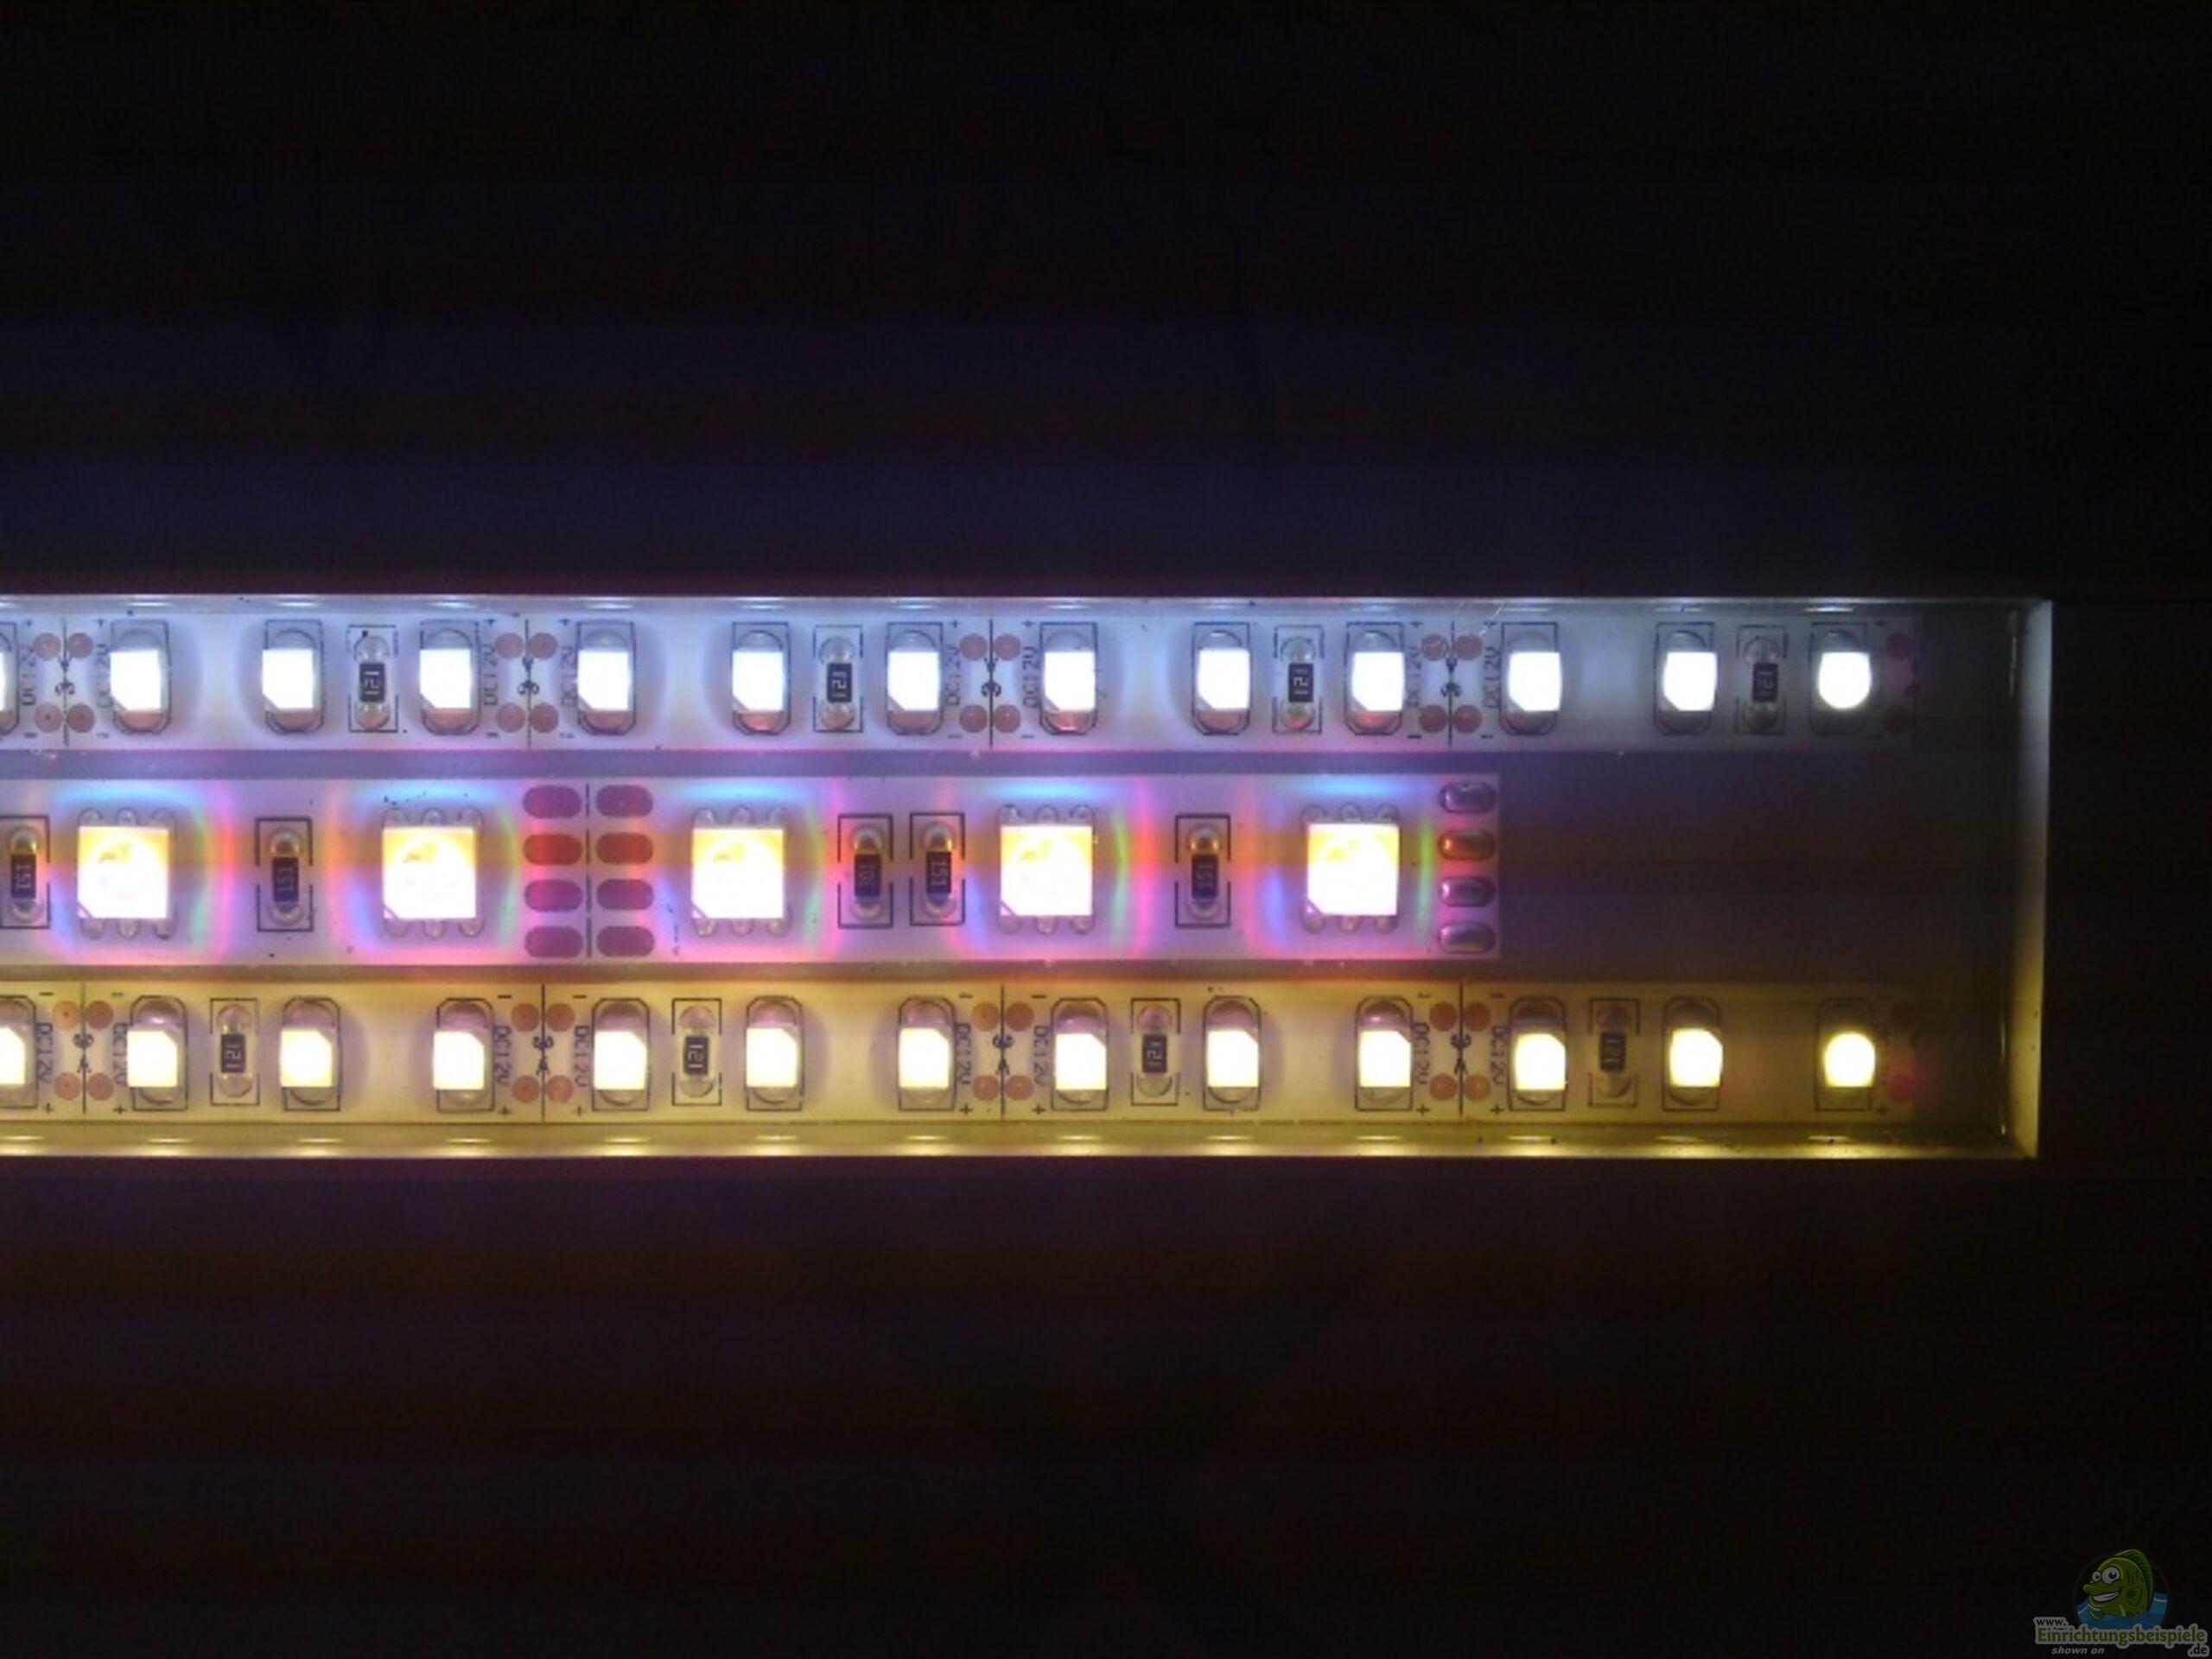 Selbstbau einer LED-Beleuchtung ... (Artikel 4018)